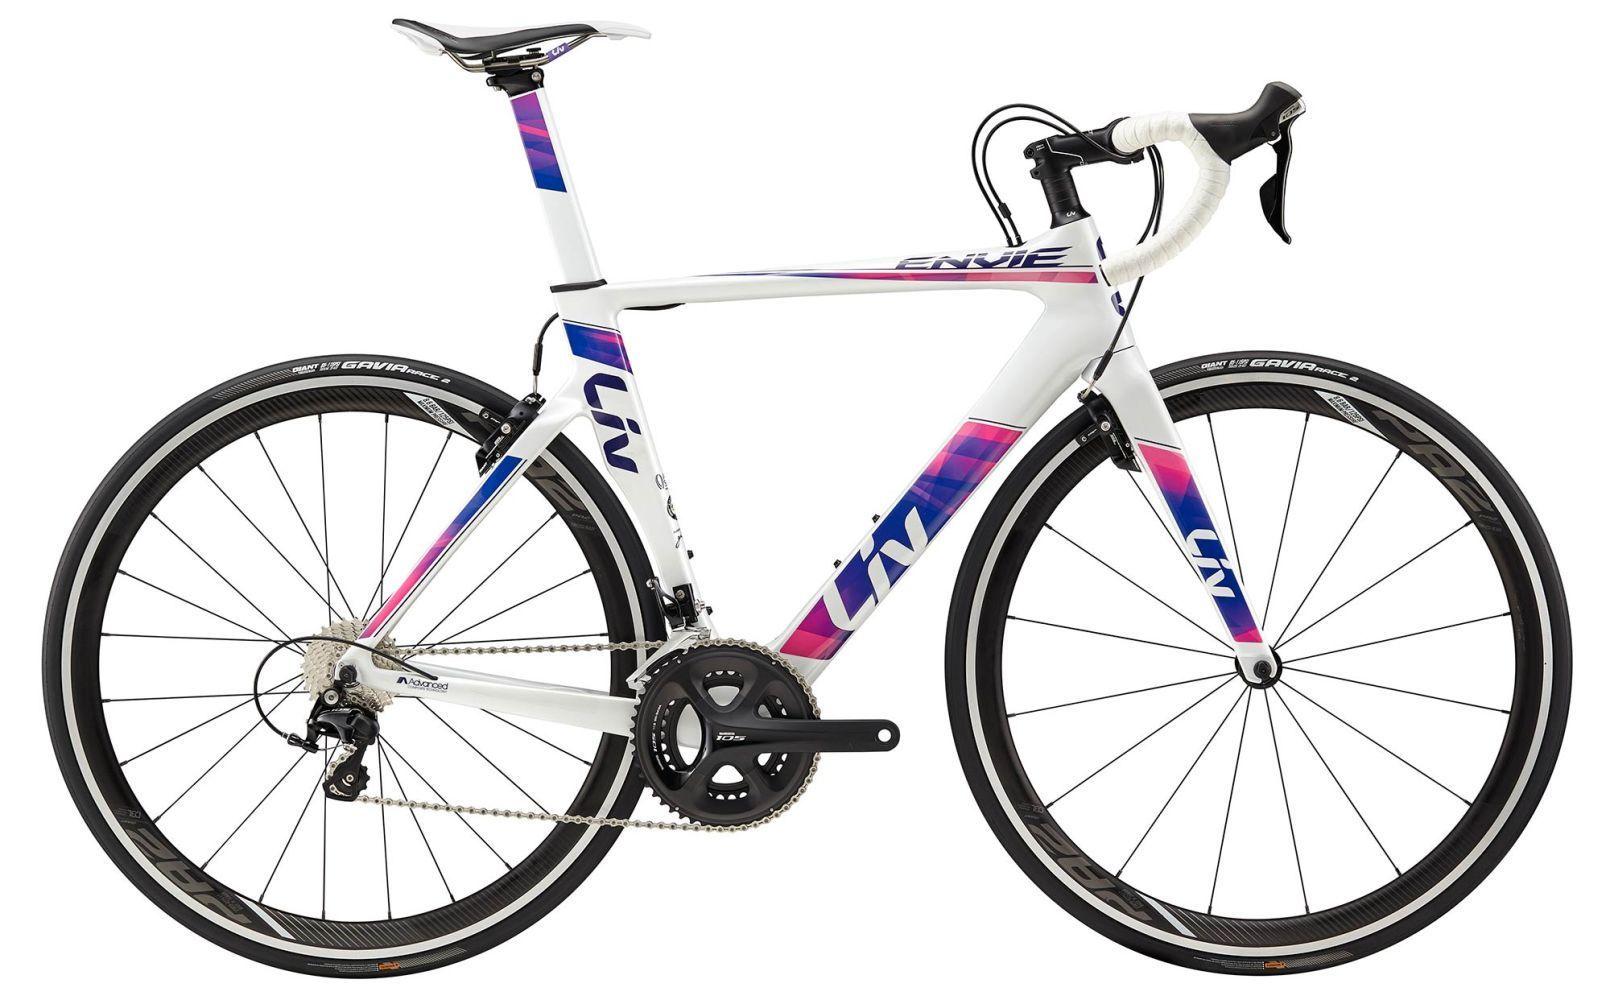 852fa04b Giant Liv Envie Advanced 2 Womens Road Bike - Small (ex Display ...